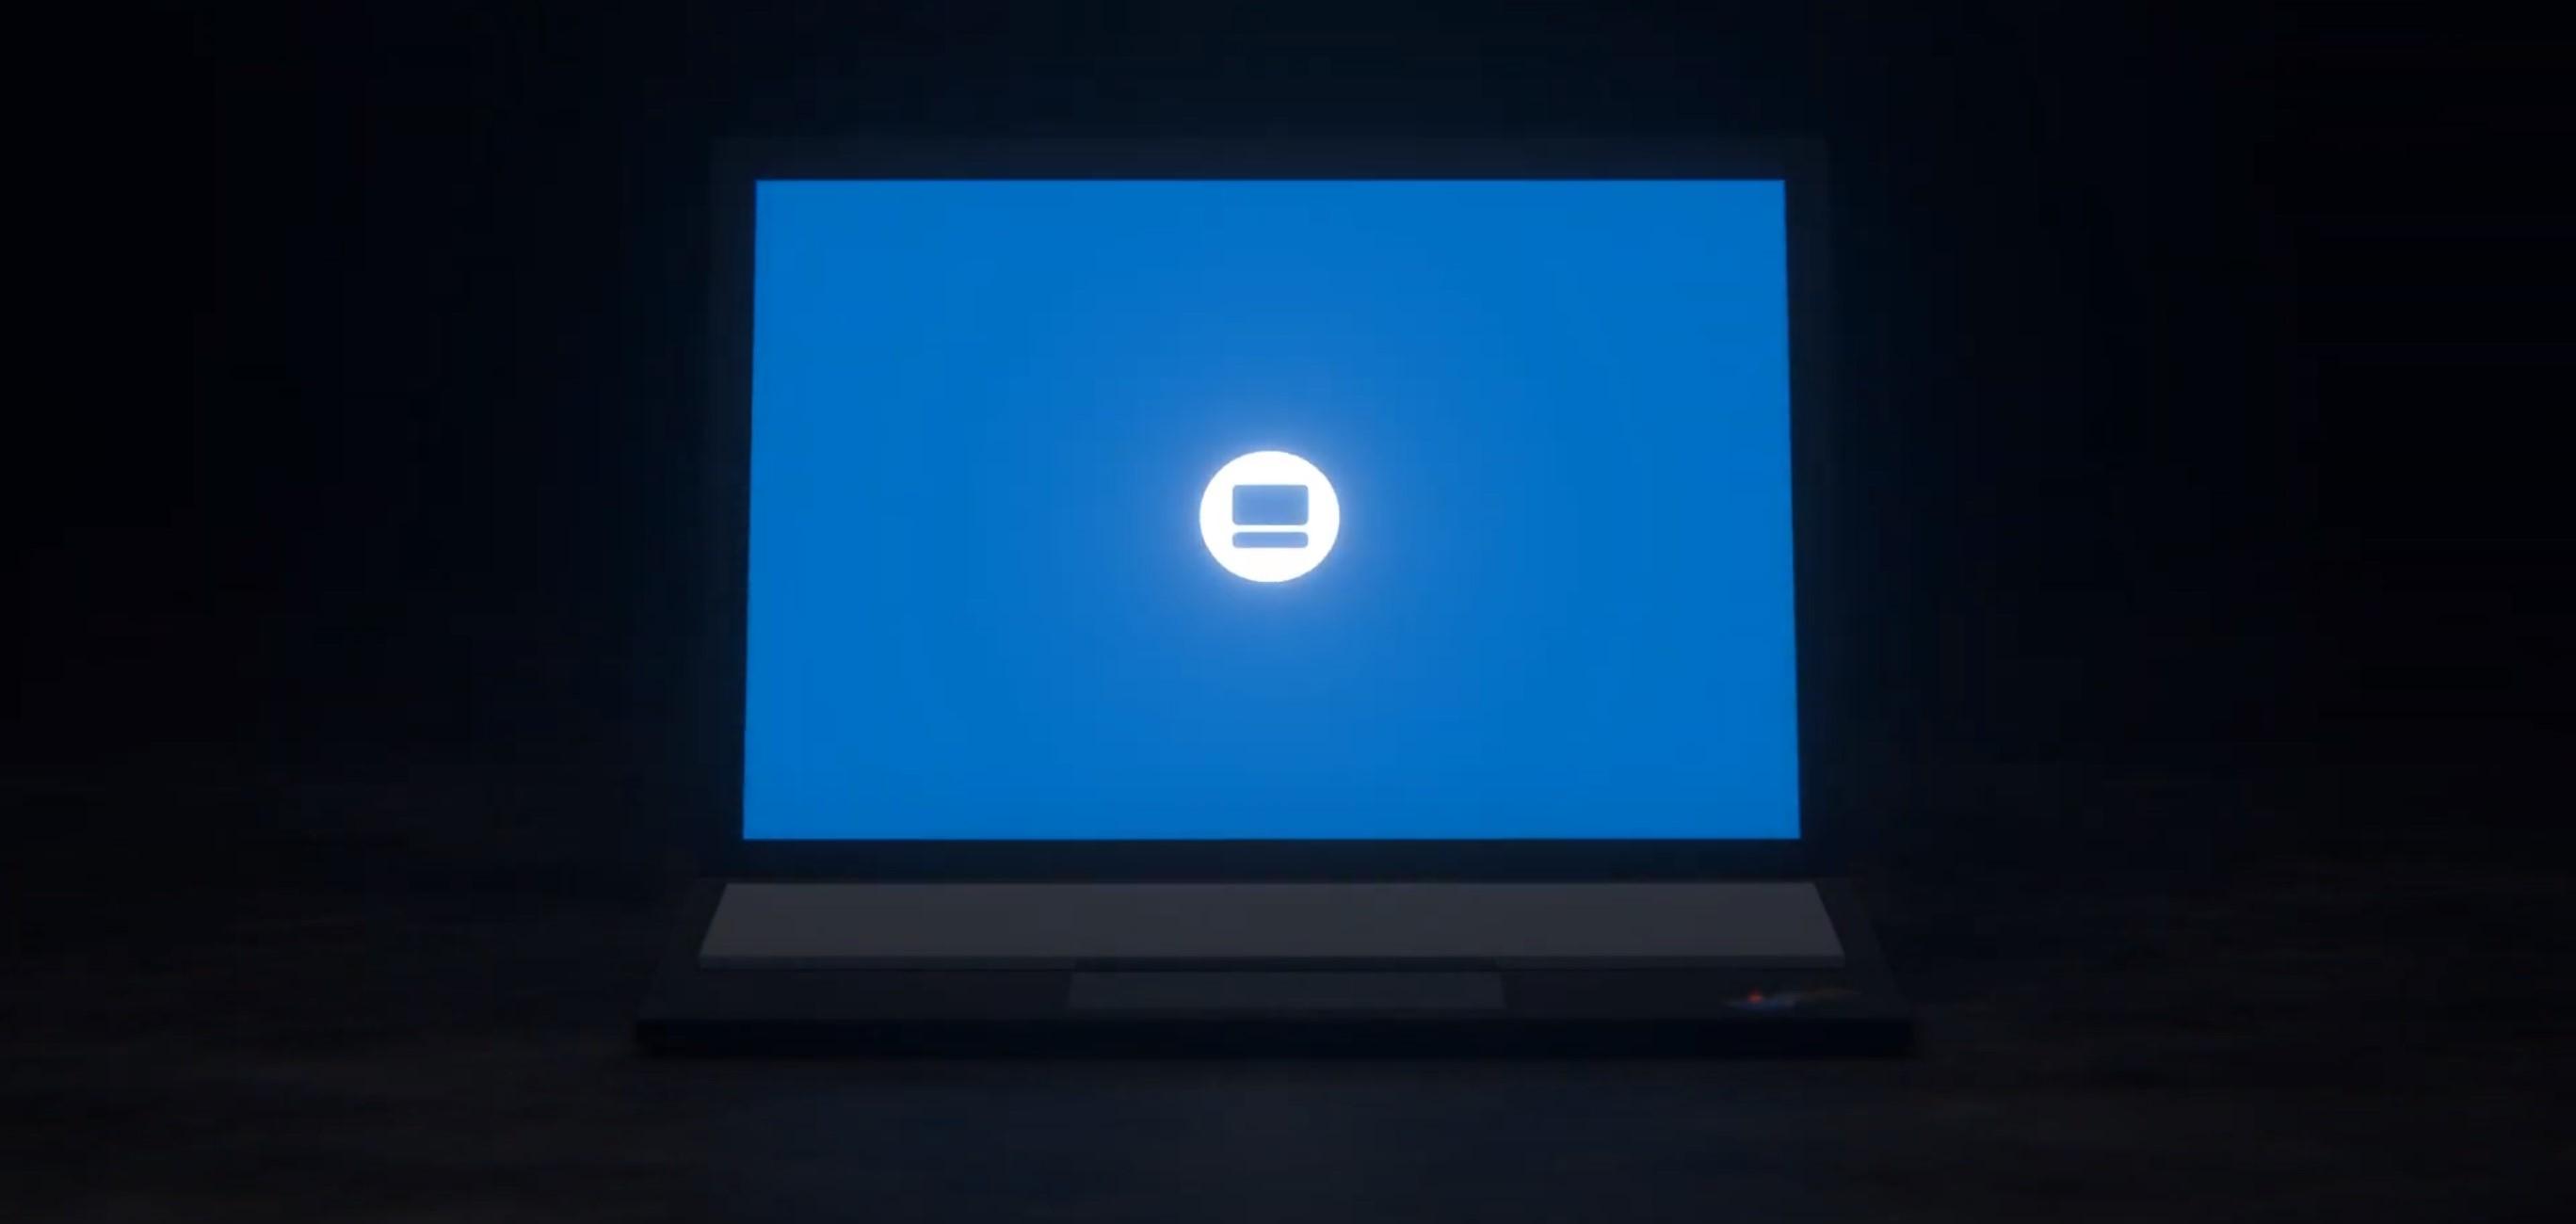 Rok Linuksa? Wybrane laptopy Lenovo będą miały Fedorę zamiast Windowsa 17